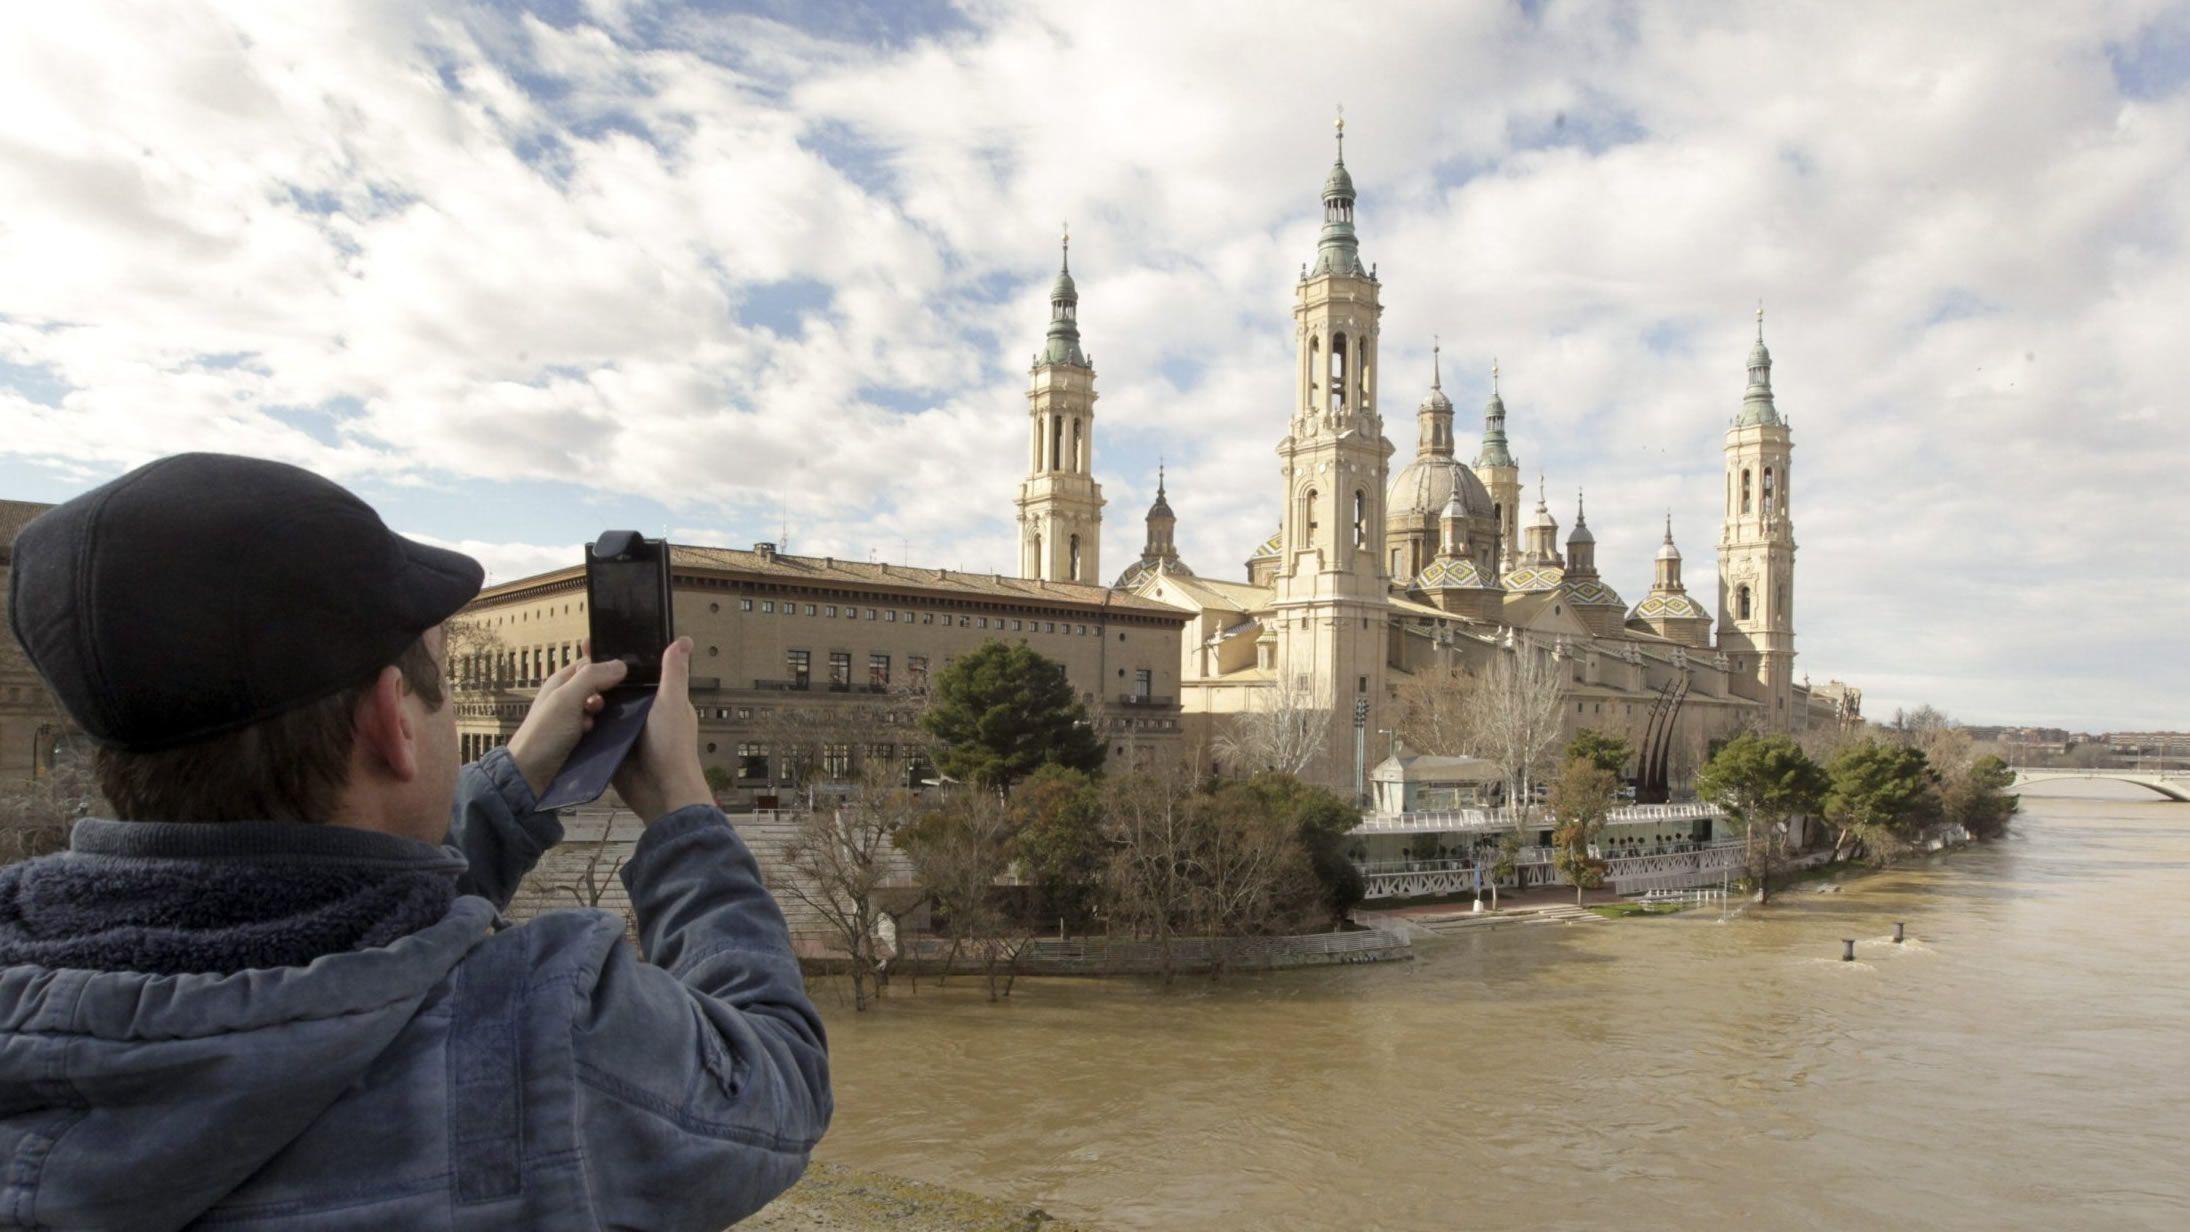 El Pilar aparece cada año en la lista de los monumentos más visitados de España